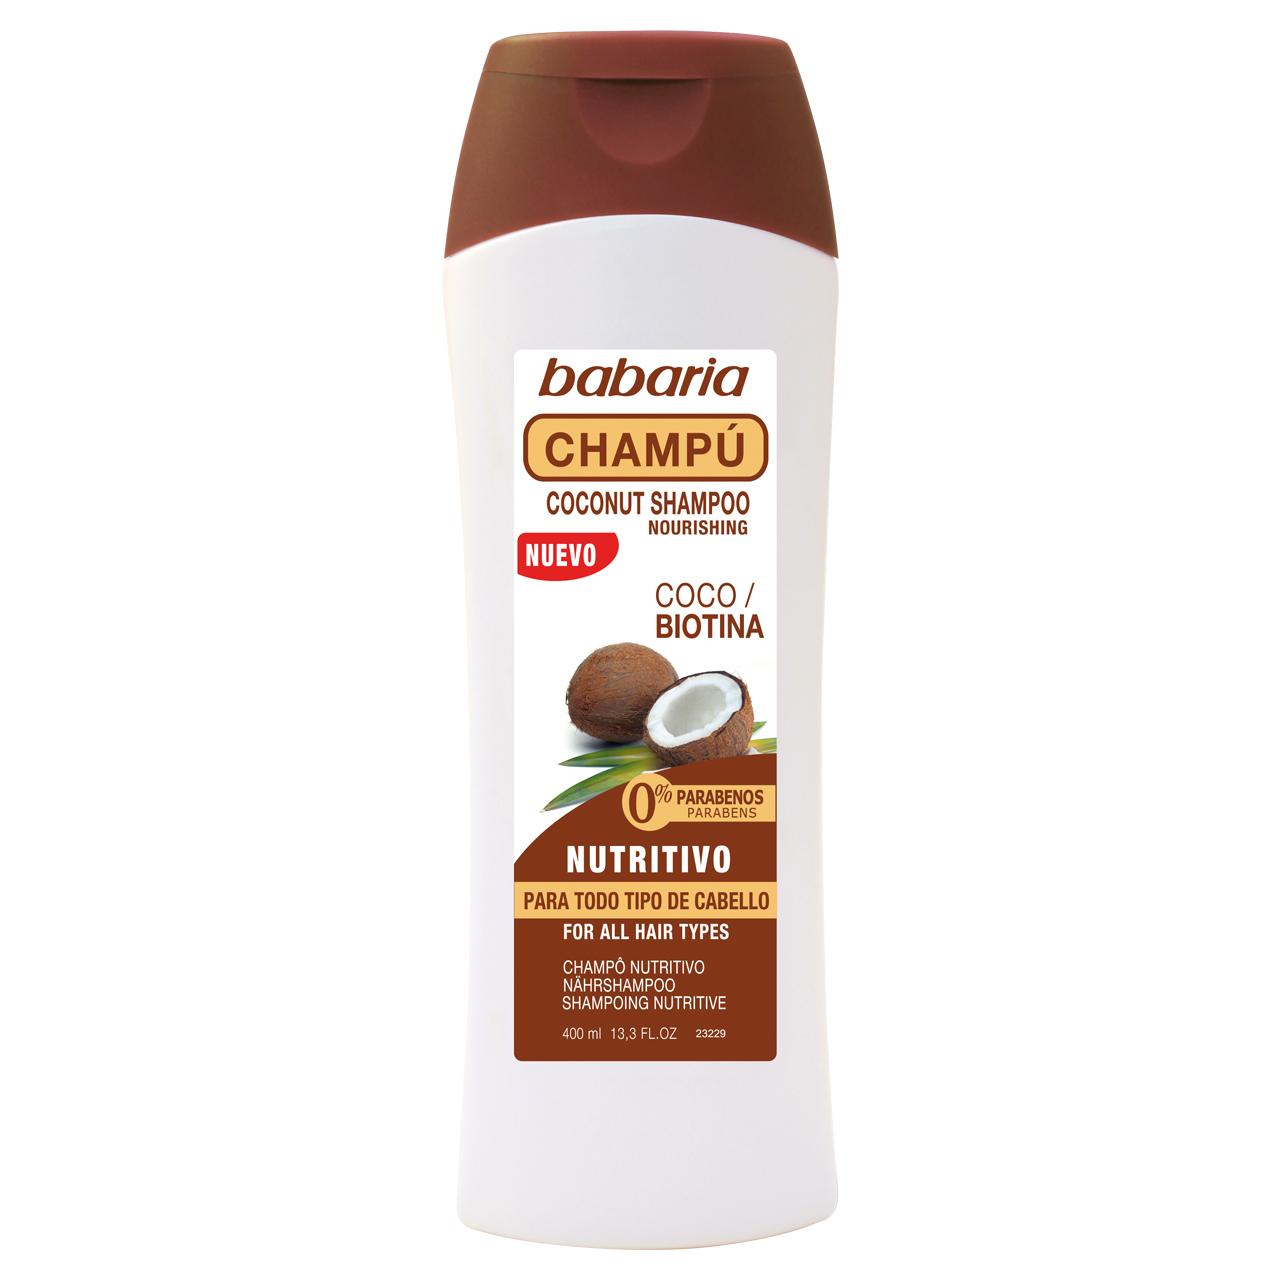 قیمت شامپو تقویت کننده باباریا بدون پارابن مدل Coco Biotina حجم 400 میلی لیتر